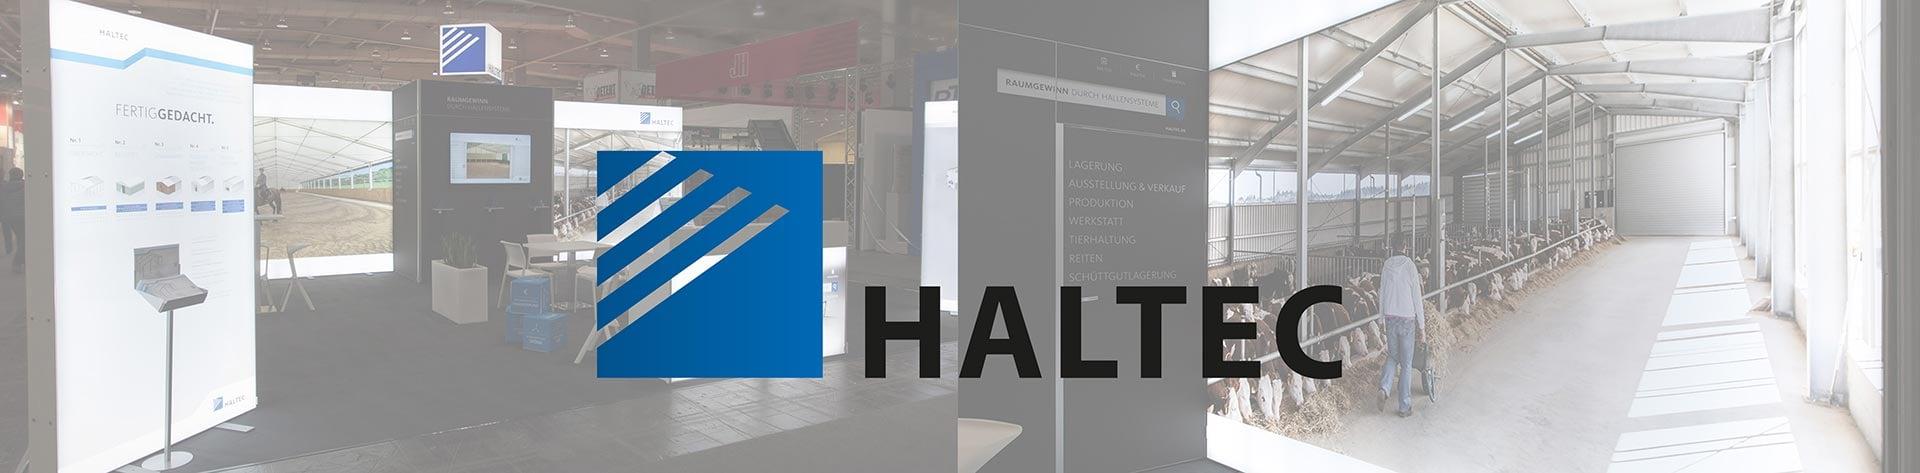 Case Study Haltec Hallensysteme Header